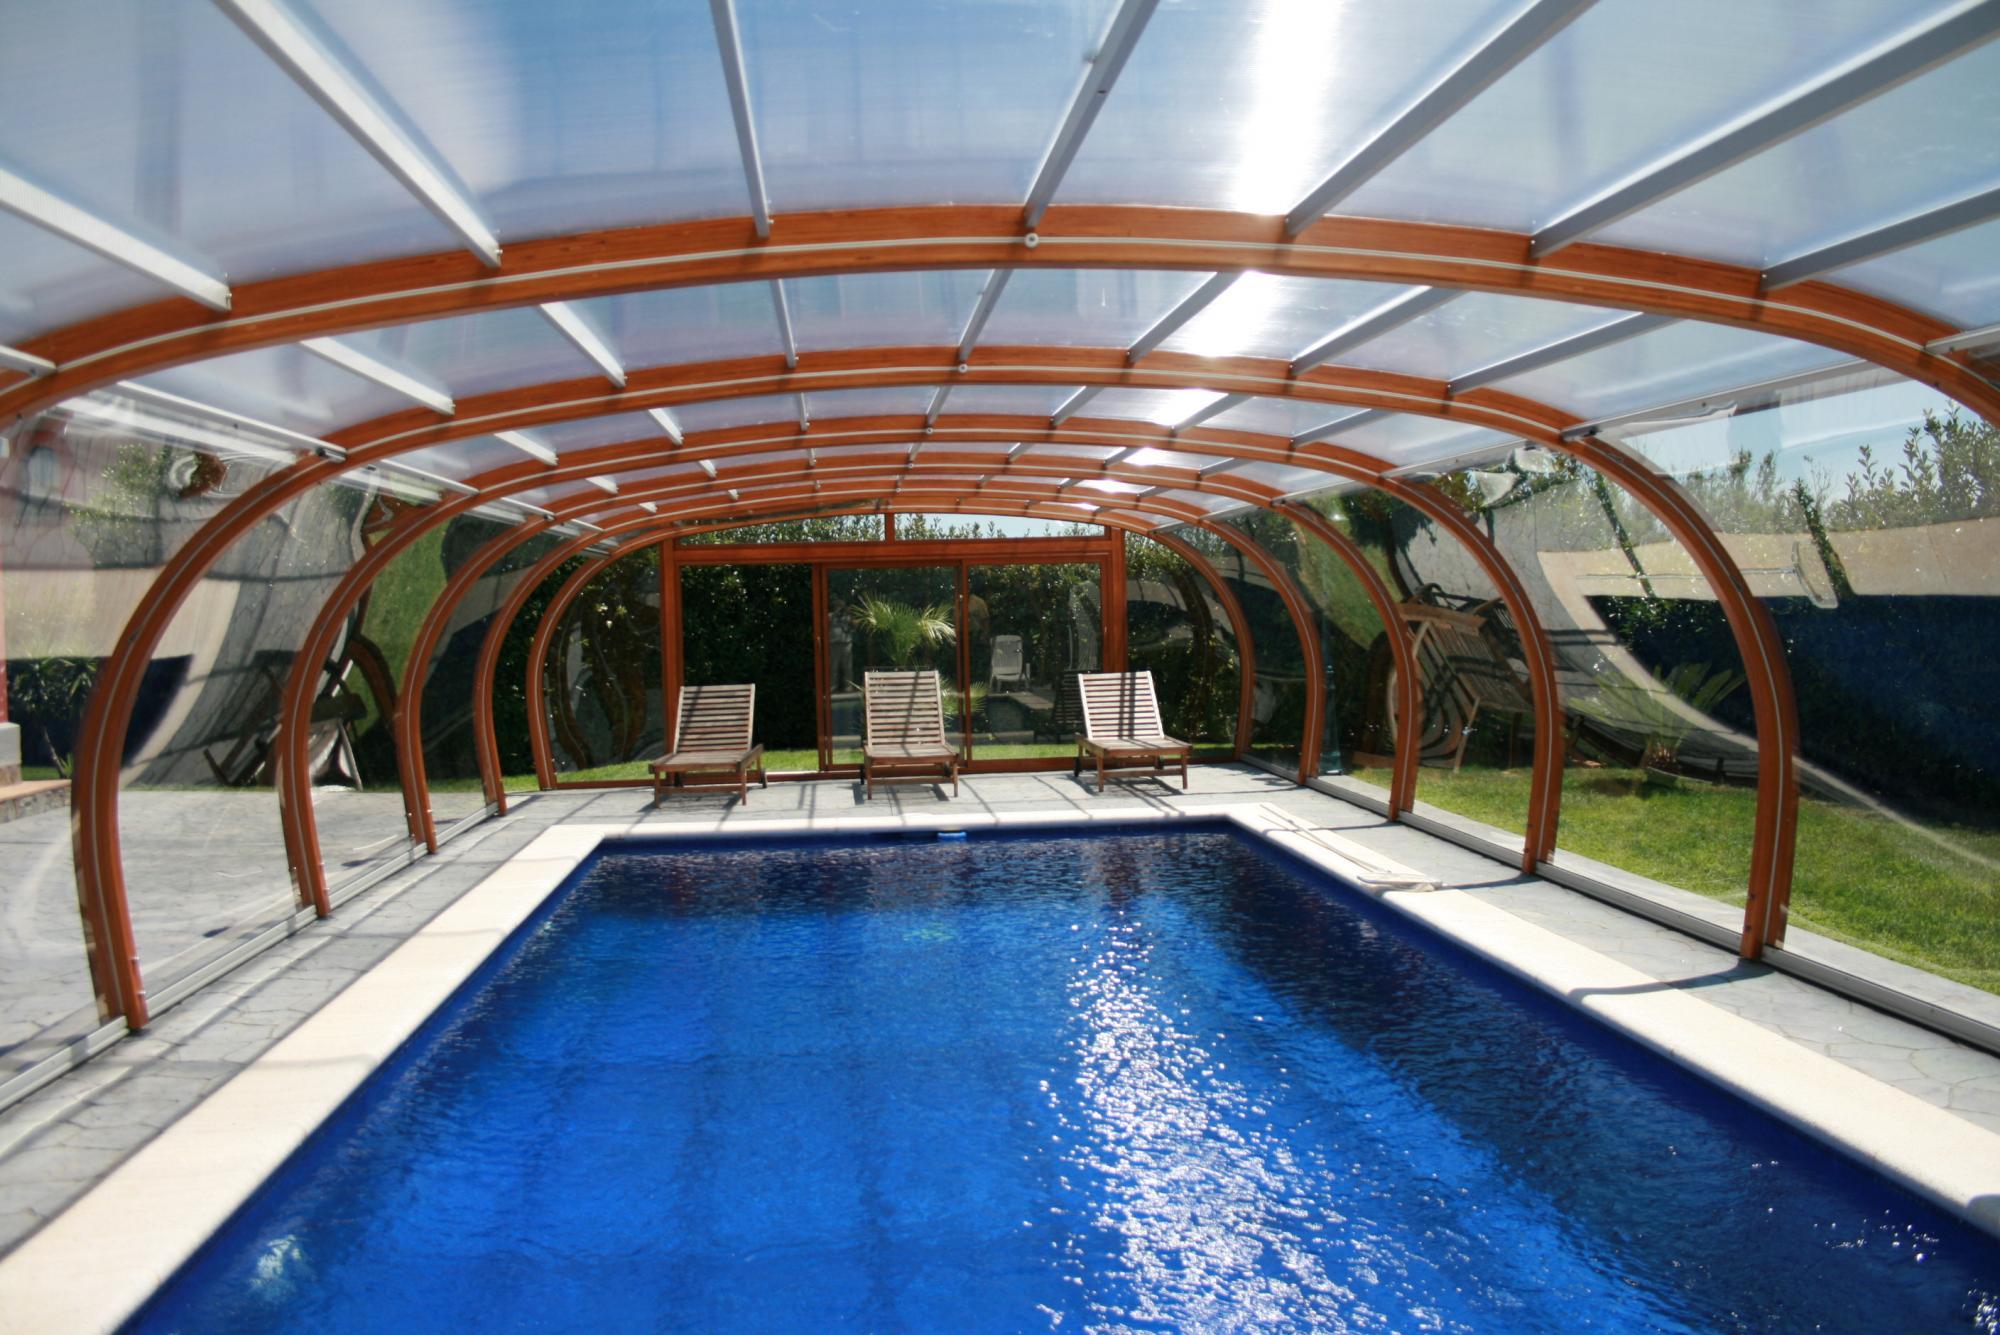 abri piscine bois 39 prestance 39 s curit par lpc. Black Bedroom Furniture Sets. Home Design Ideas